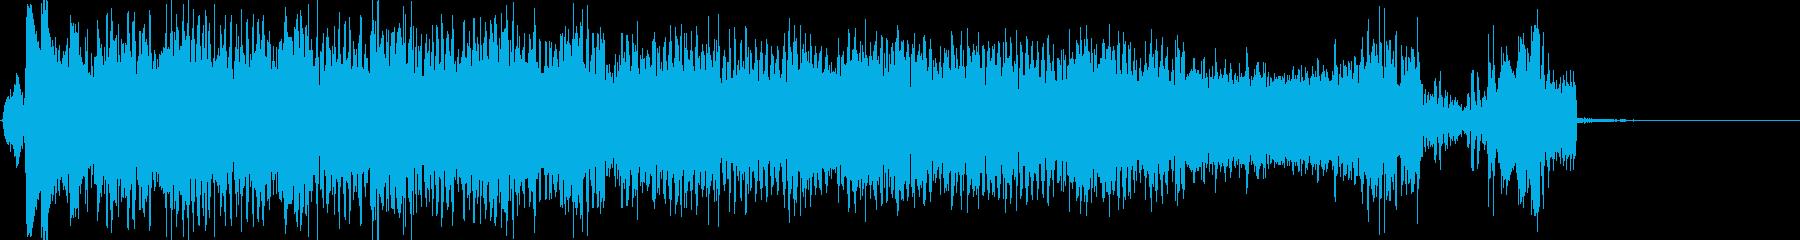 キックスターターの再生済みの波形